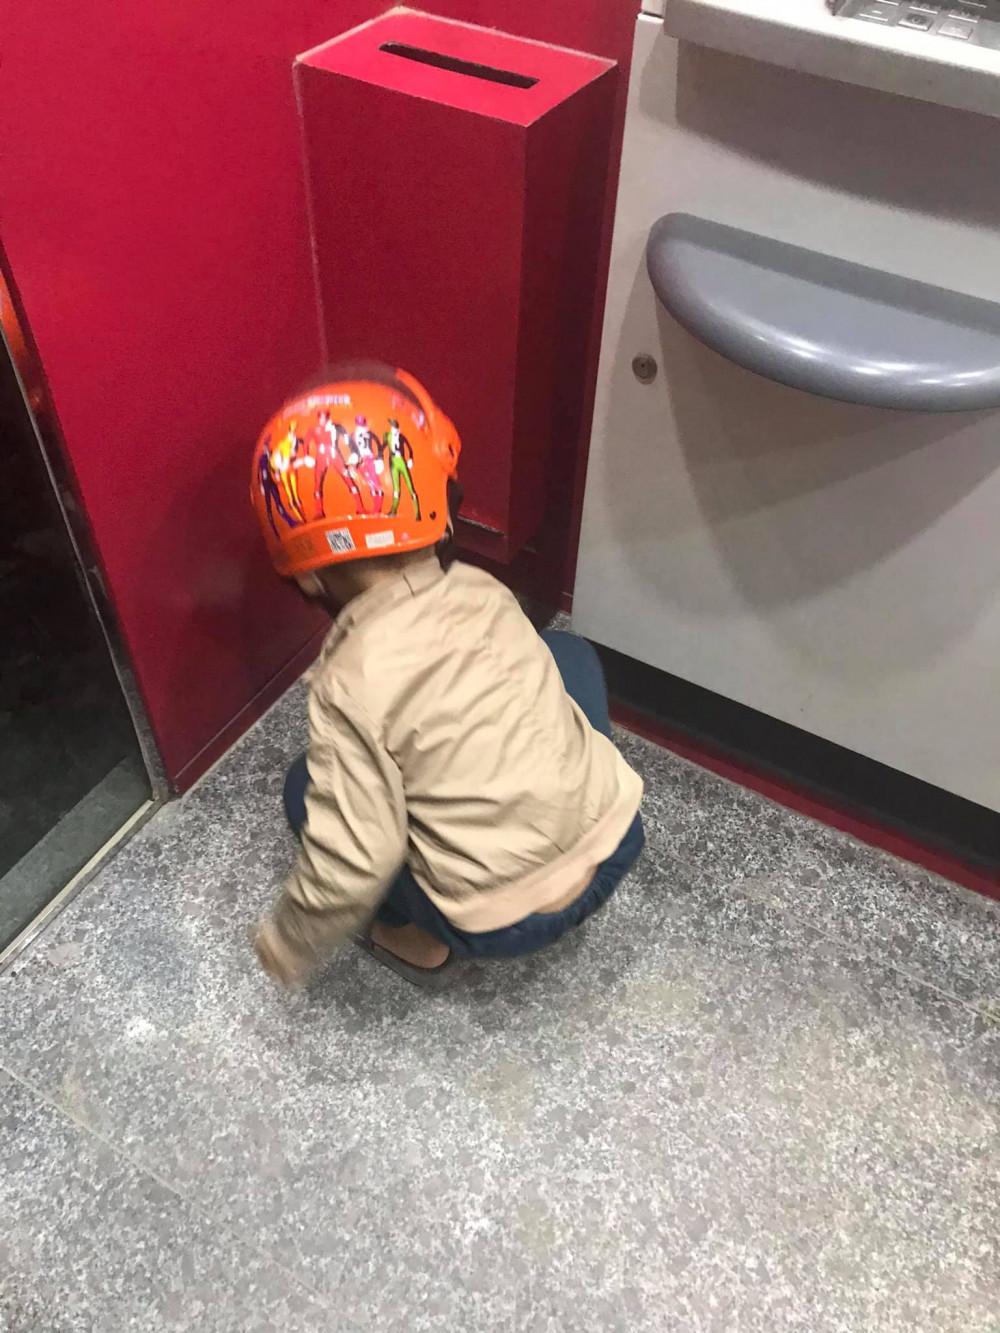 Cậu bé loay hoay nhặt những tờ biên lai dưới sàn ở một máy ATM. Ảnh từ Facebook